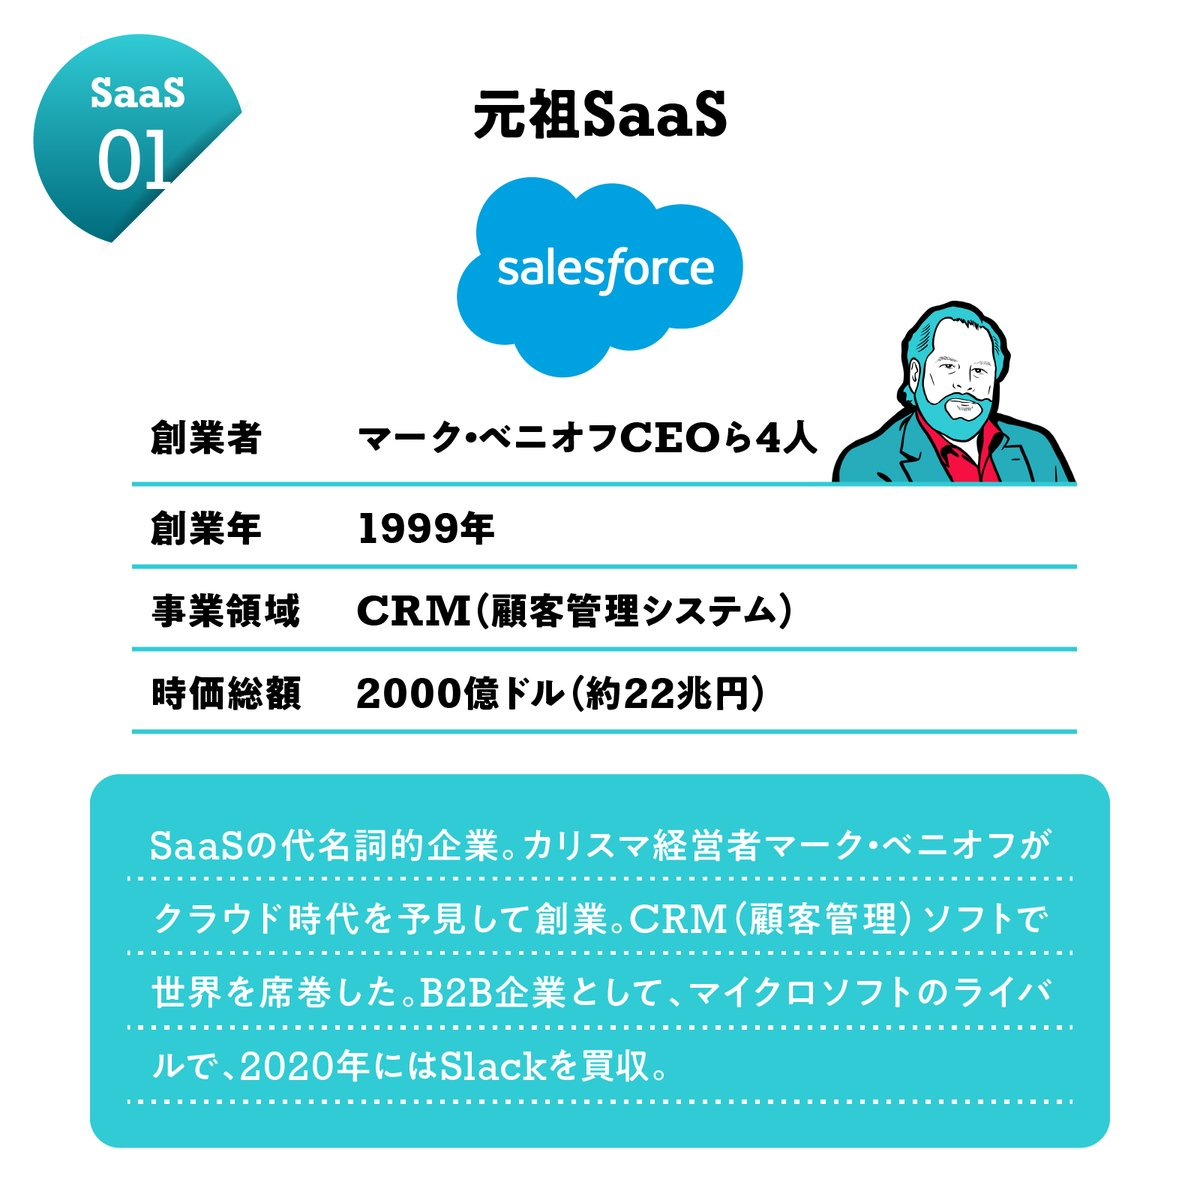 ☁️急拡大するビジネスモデル「SaaS」有力企業4社を紹介。記事で詳しく知る👉